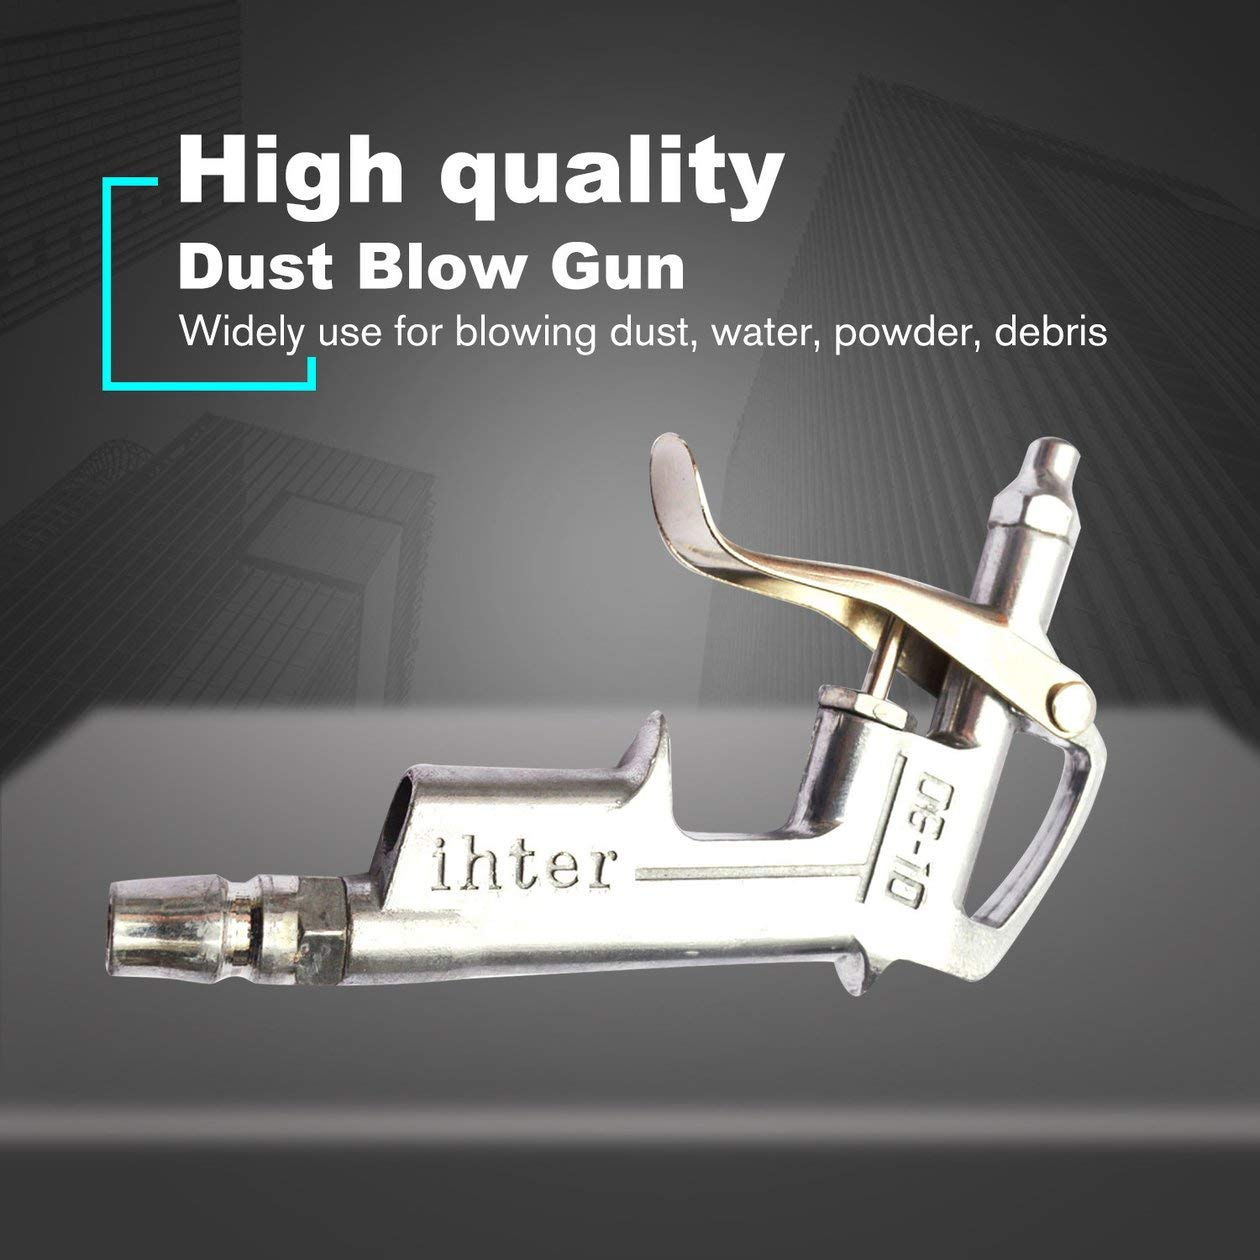 Plata BIYI DG-10 Pistola de Aire comprimido Pistola Limpiador de gatillo Compresor Soplador de Polvo Boquilla de 8 Pulgadas Herramienta de Limpieza de Pistola de Aire comprimido para compresor